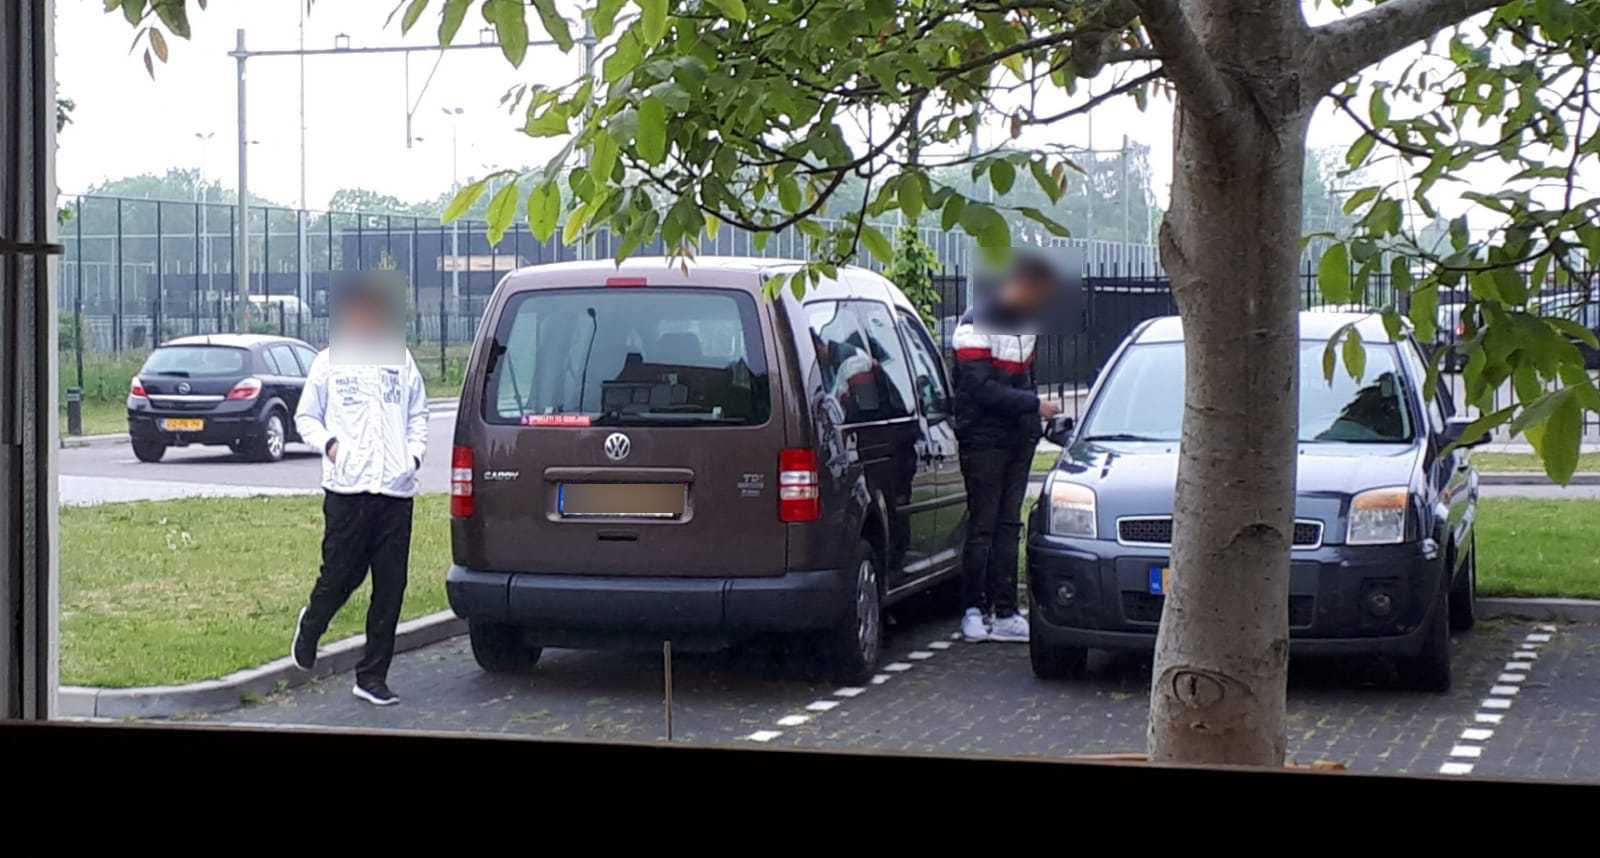 Hun onrust heeft vooral te maken met wat ze allemaal zien gebeuren. Guilich laat op zijn telefoon een foto zien van jongemannen die bij auto's voelen of ze op slot staan.